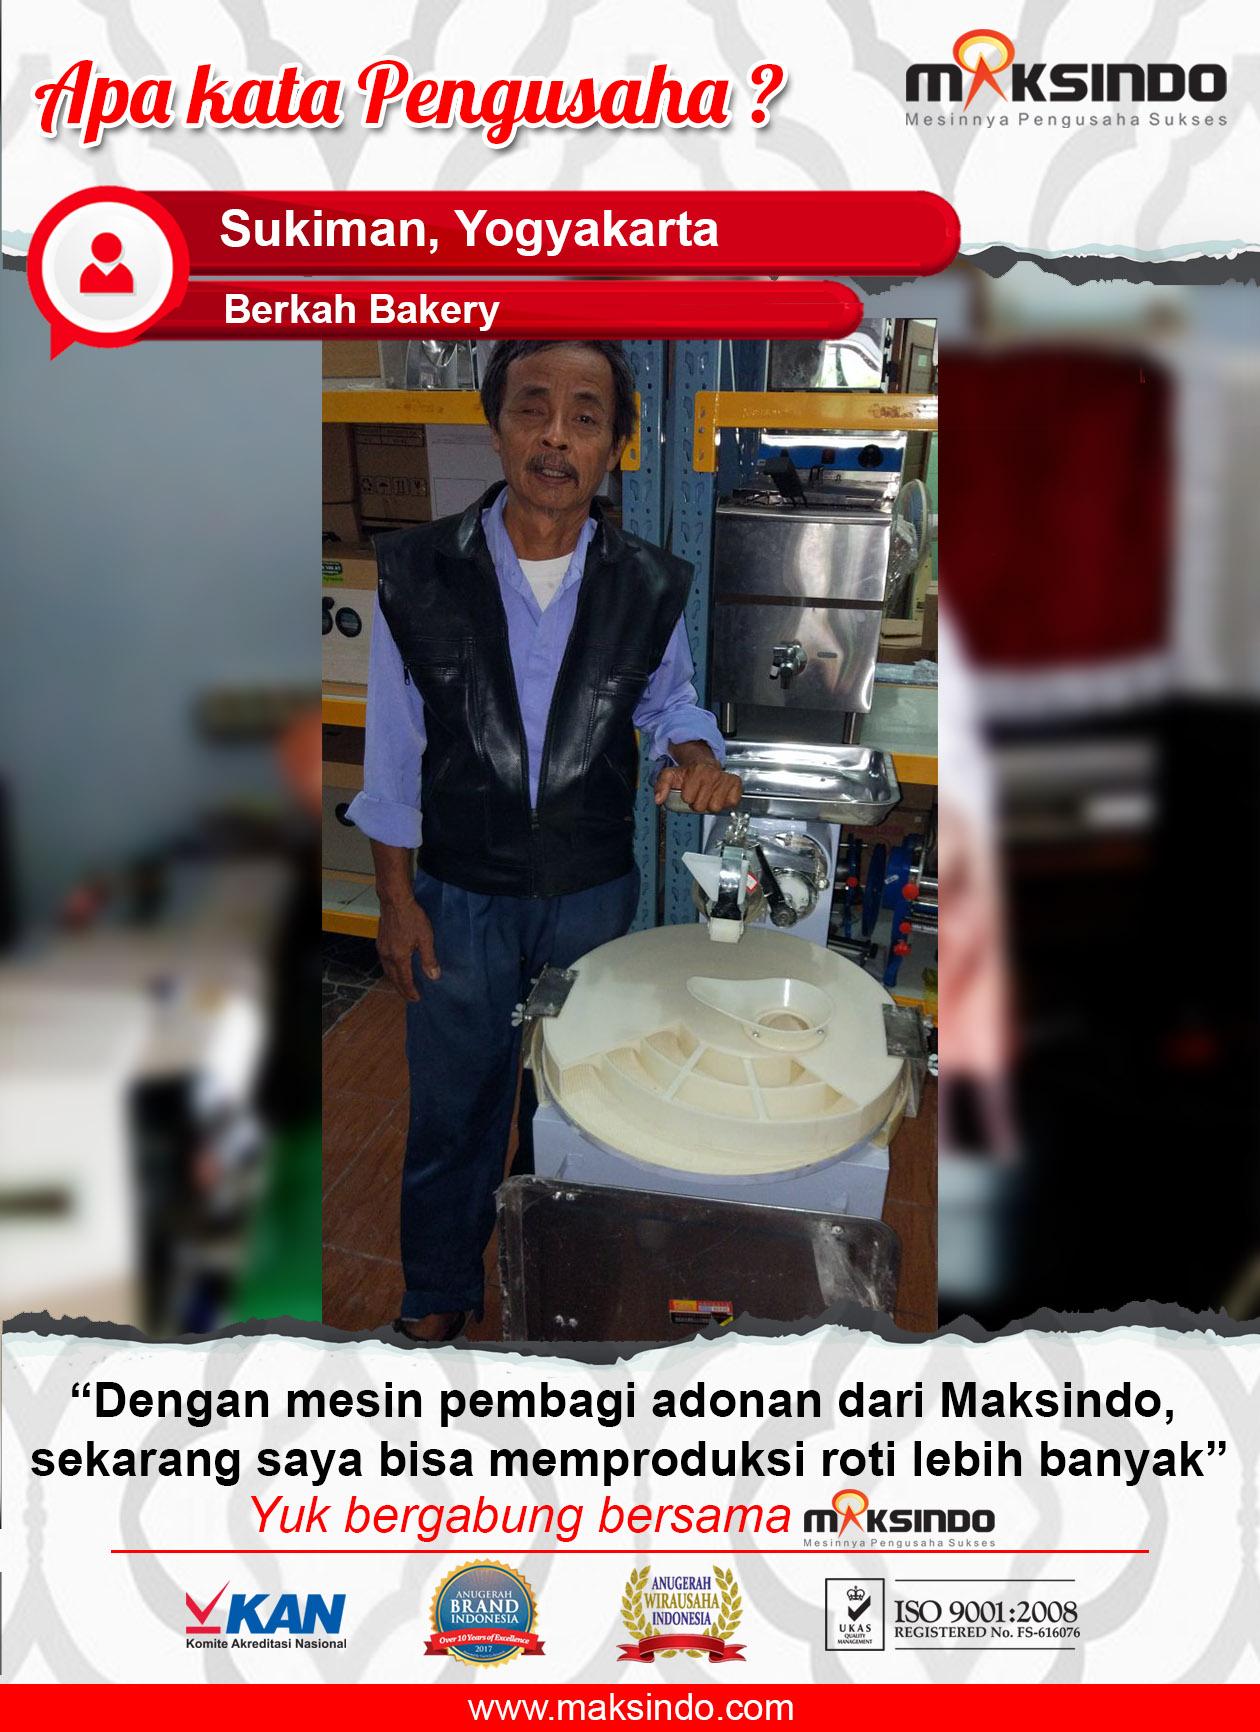 Sukiman : Pengusaha Roti Yang Puas Menggunakan Mesin Dari Maksindo